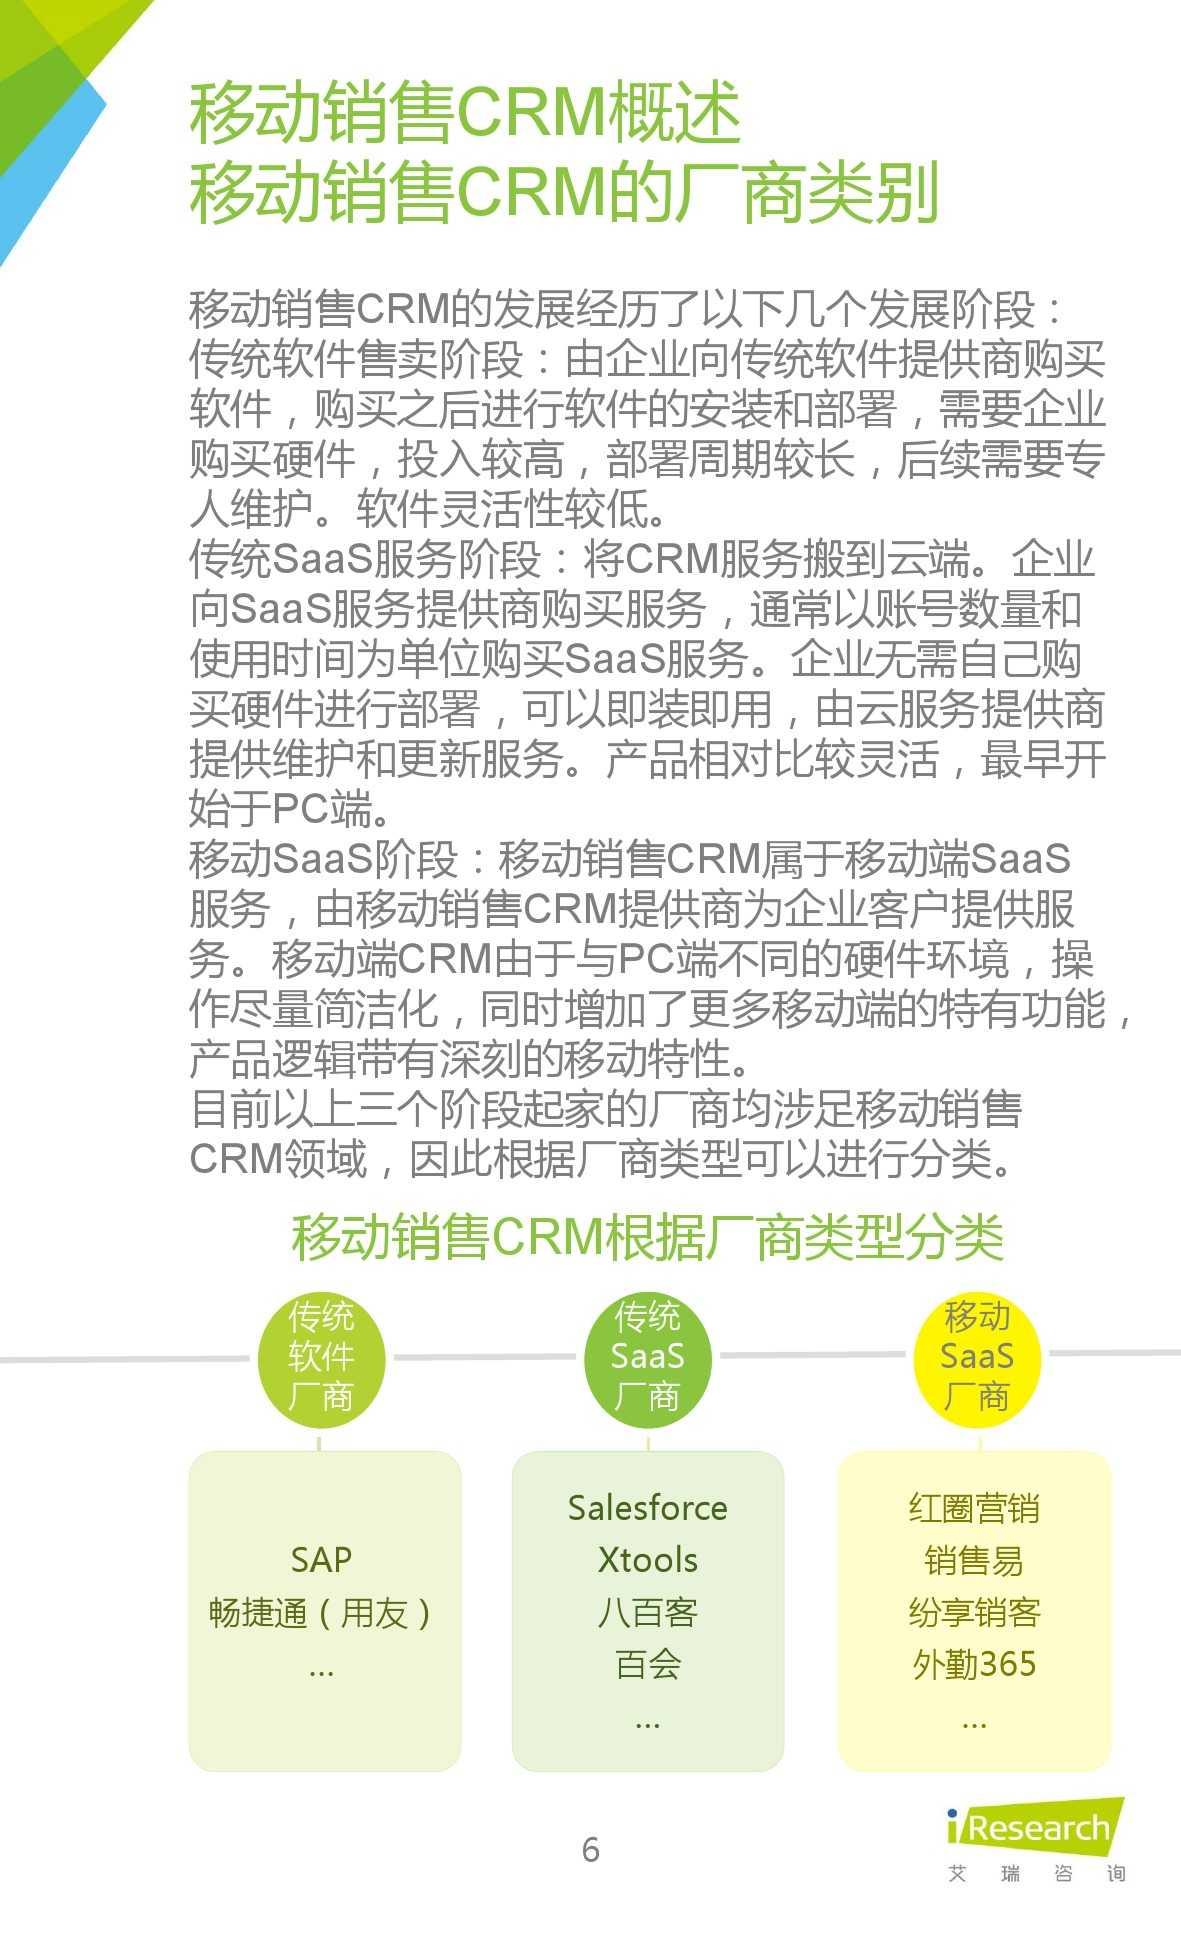 2015年中国移动销售CRM行业研究报告_000006